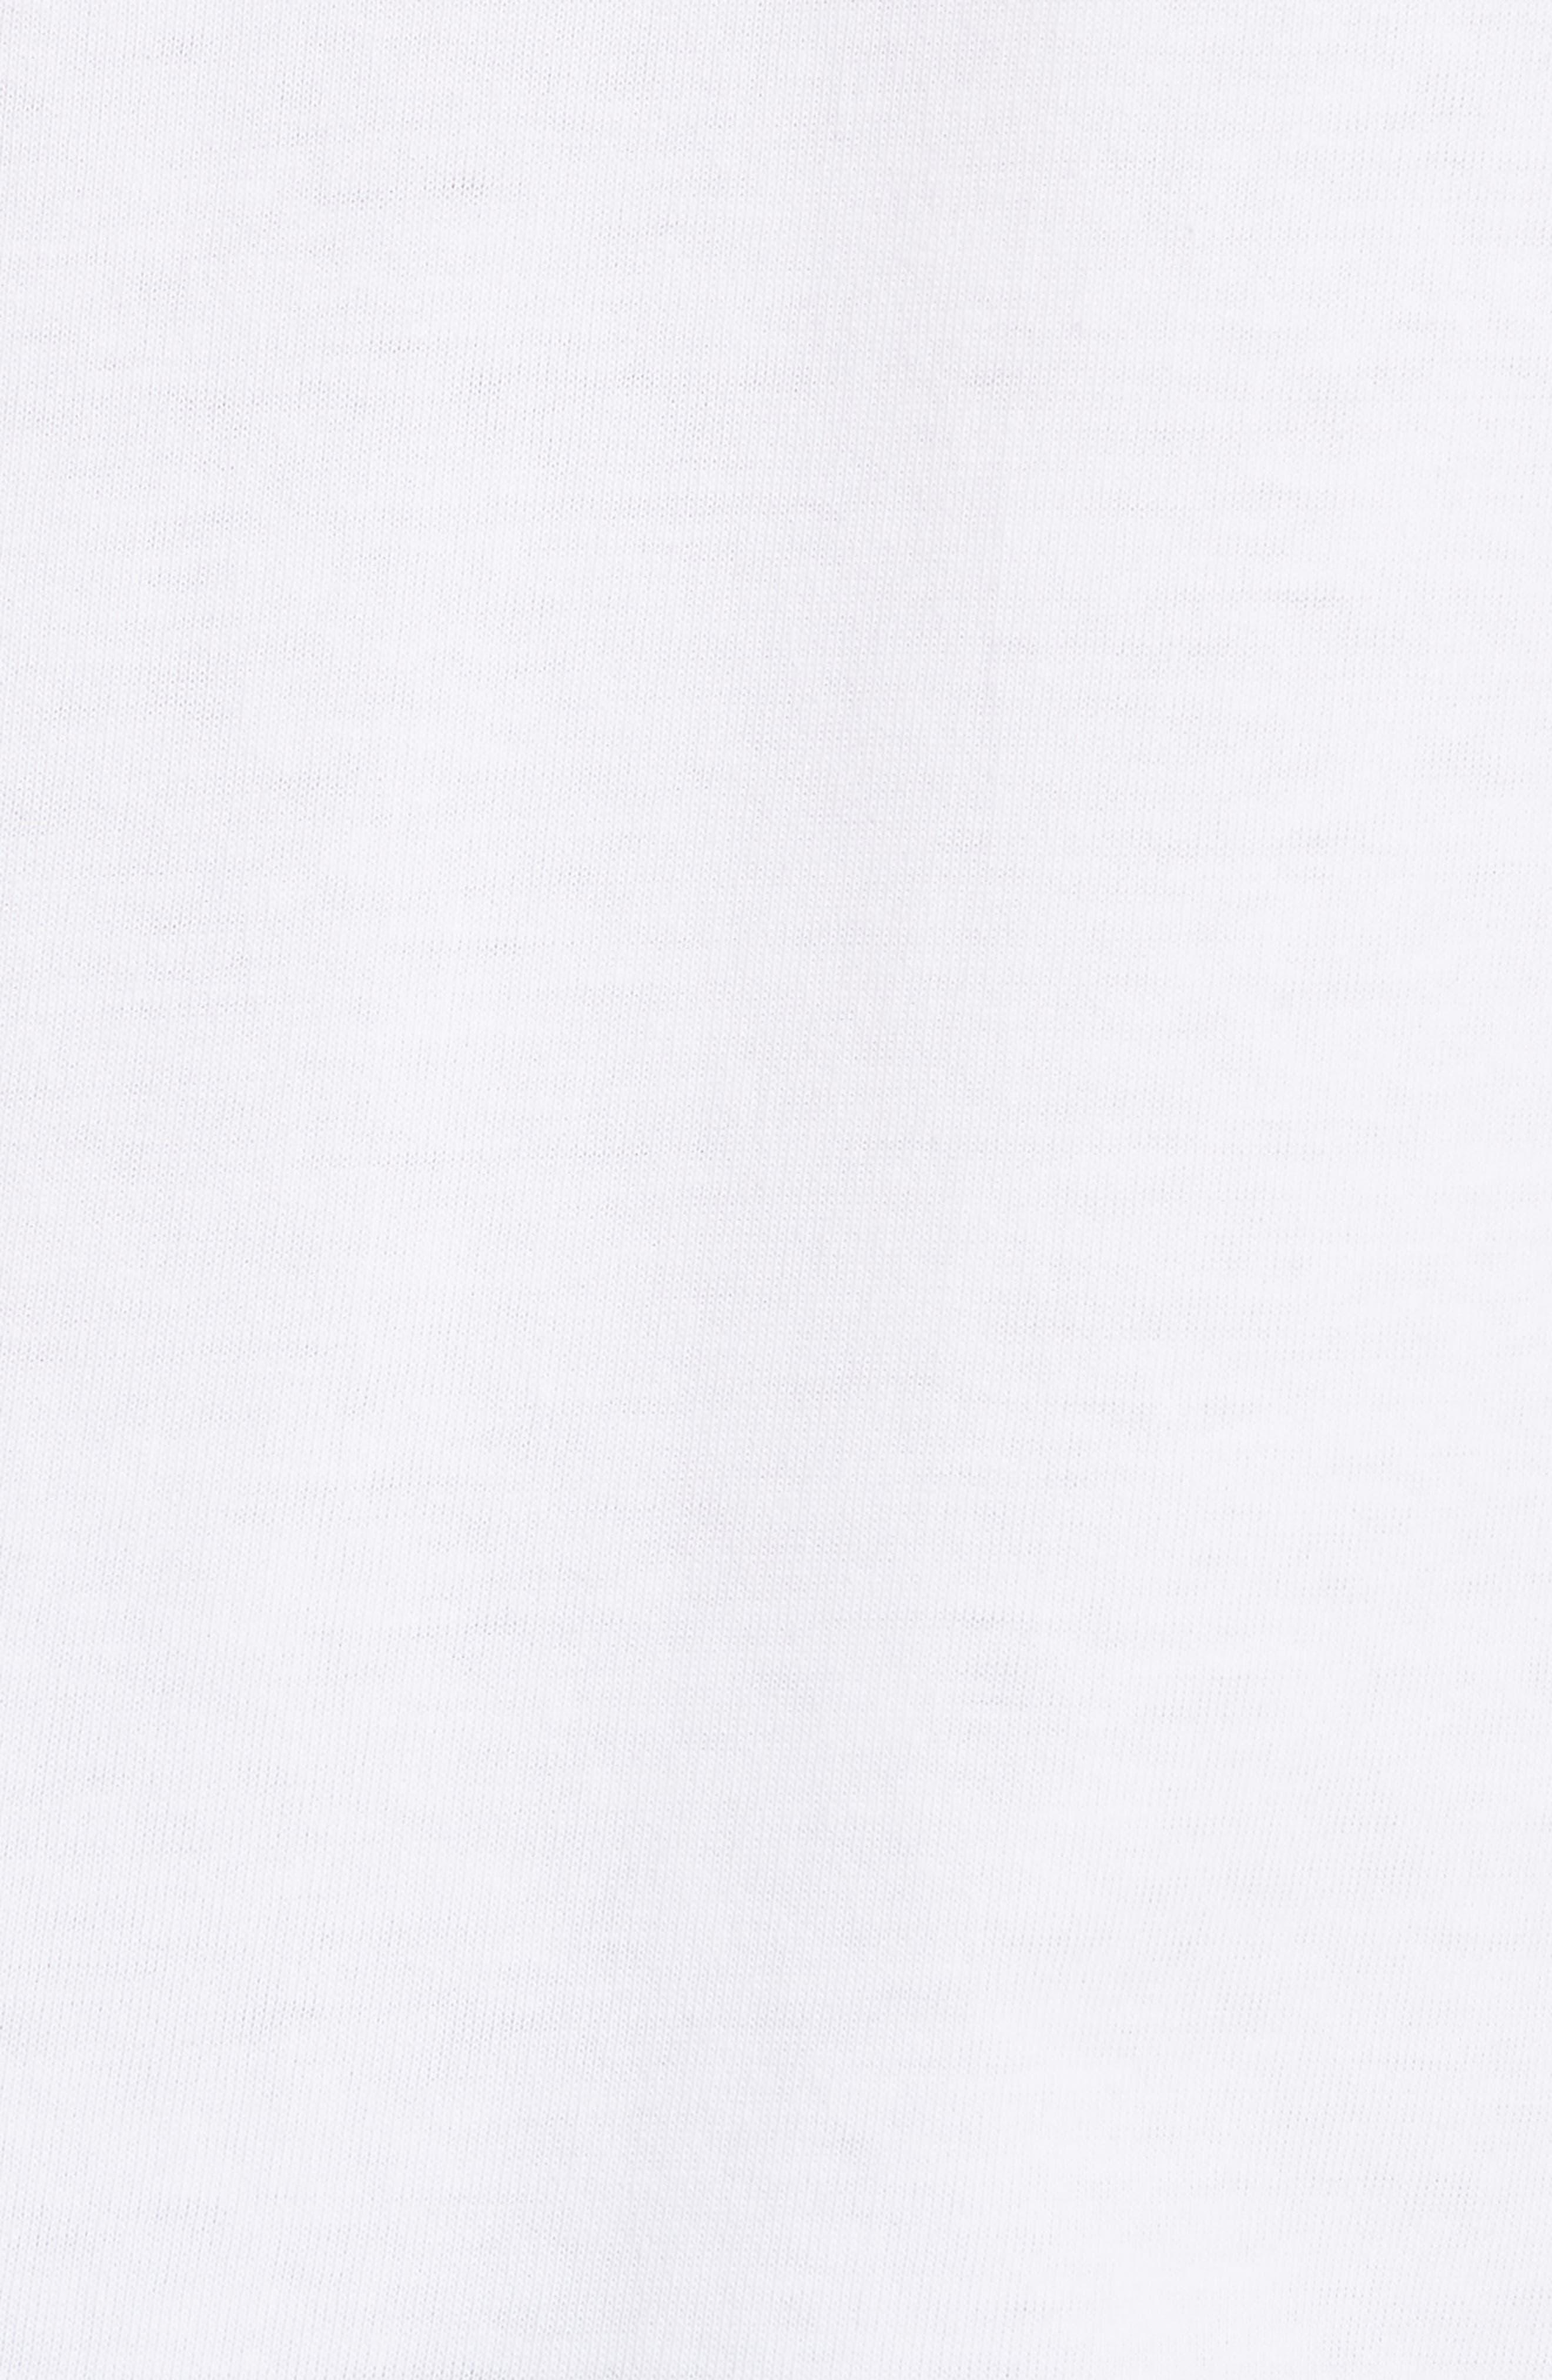 Comme des Garçons PLAY Graphic T-Shirt,                             Alternate thumbnail 5, color,                             1 White